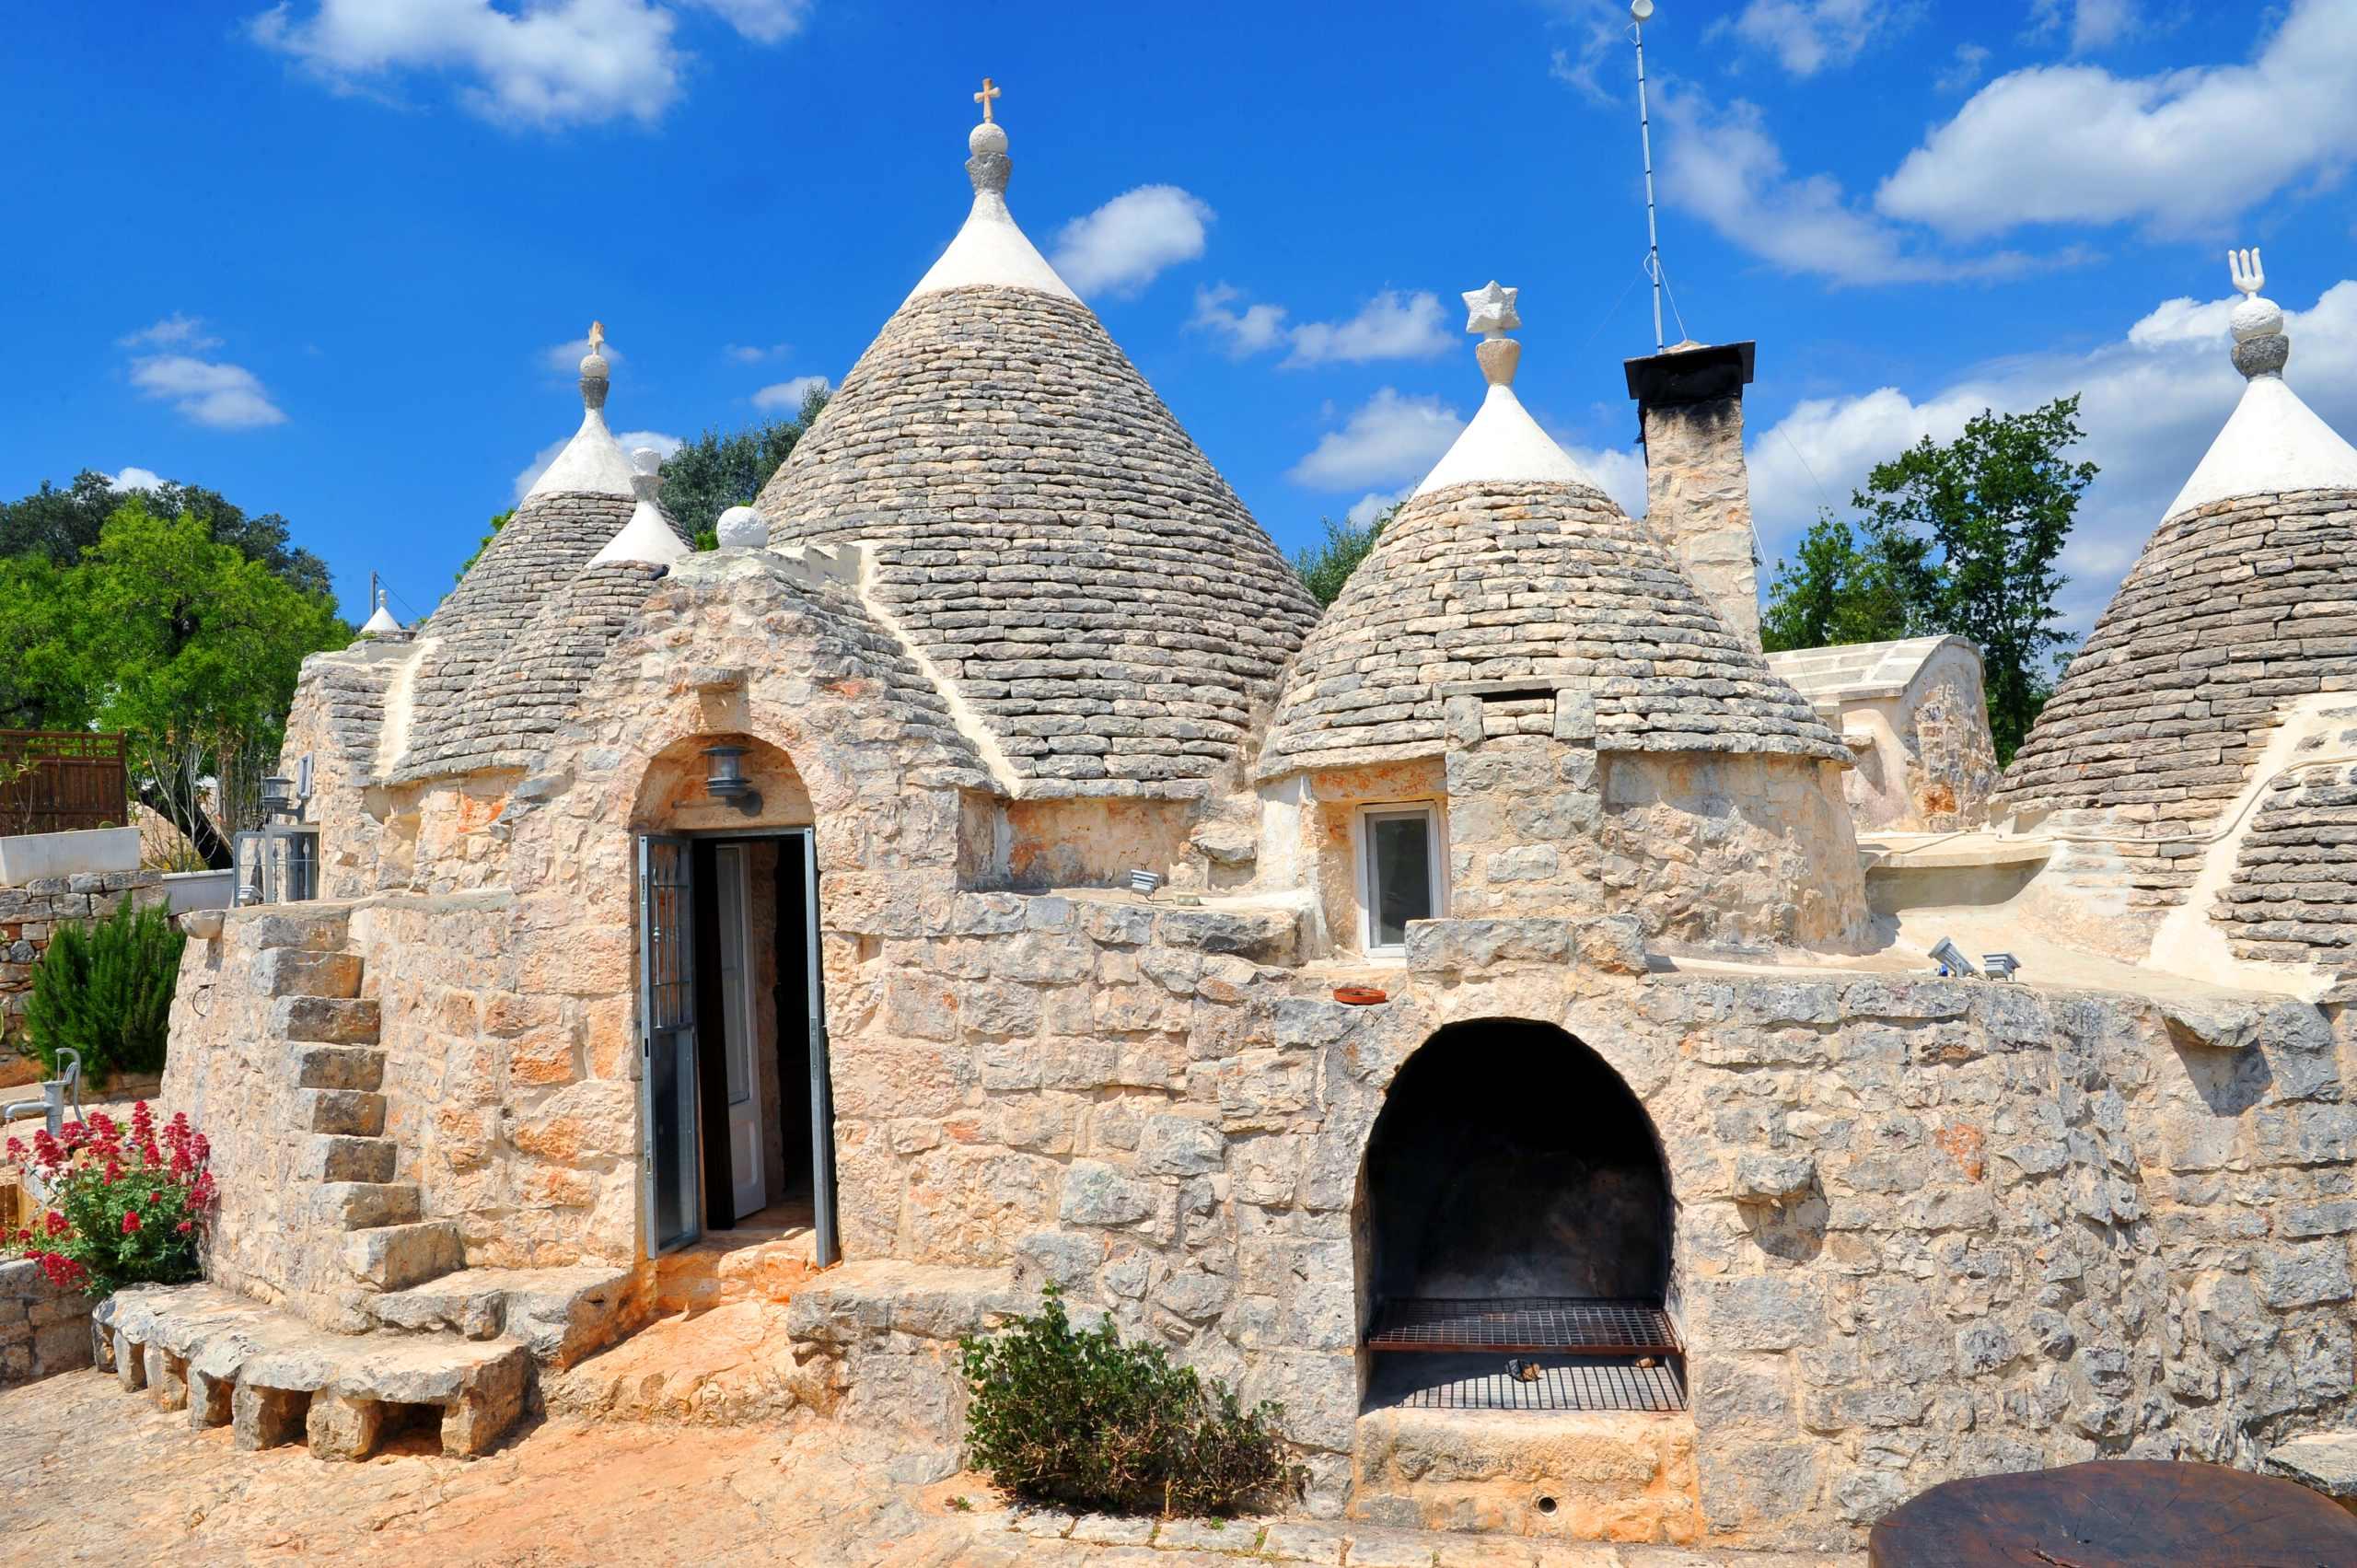 Ferienhaus im Salento Apulien Italien